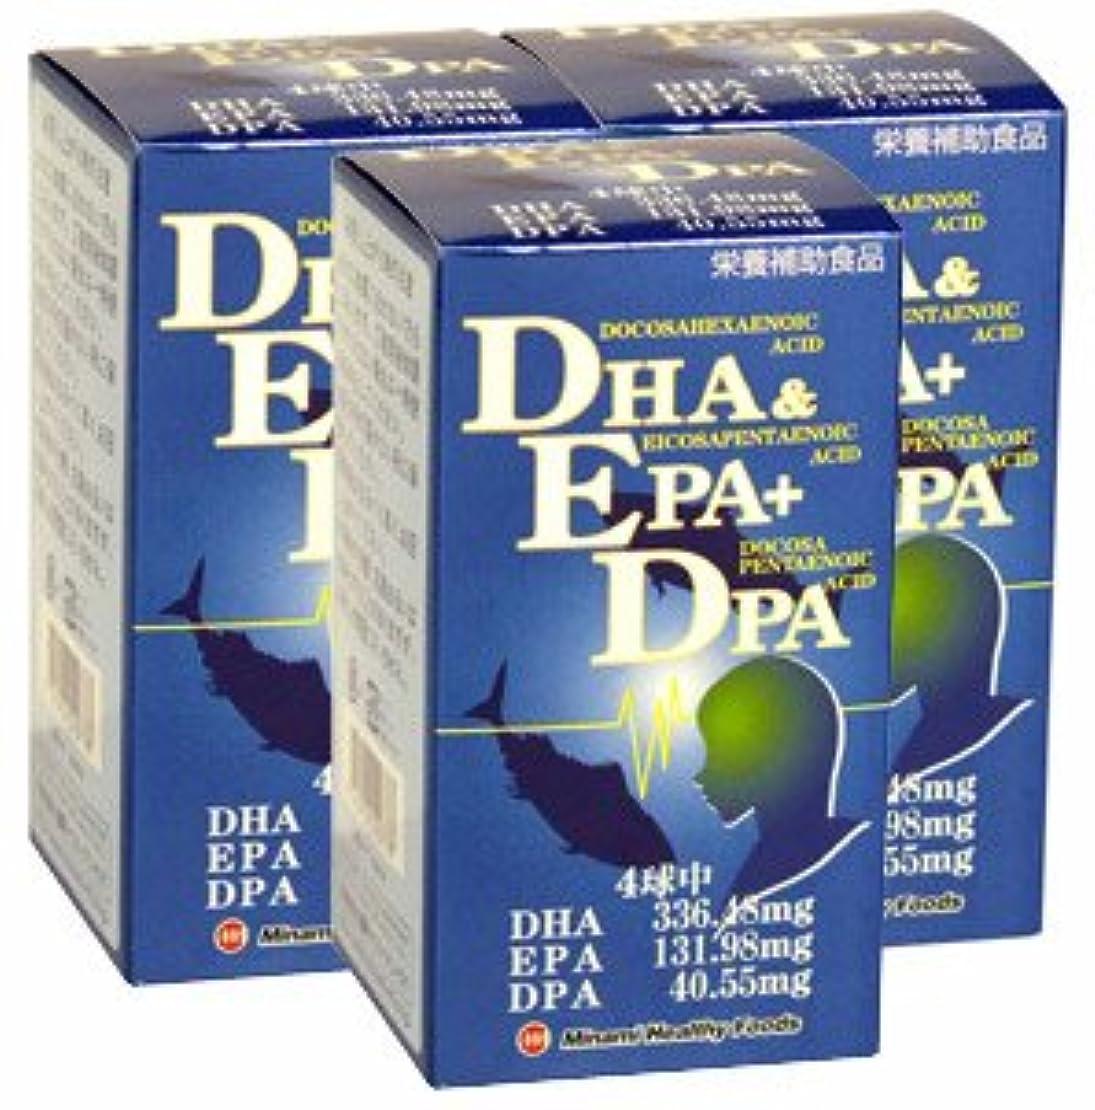 バドミントンオン錆びDHA&EPA+DPA【3本セット】ミナミヘルシーフーズ